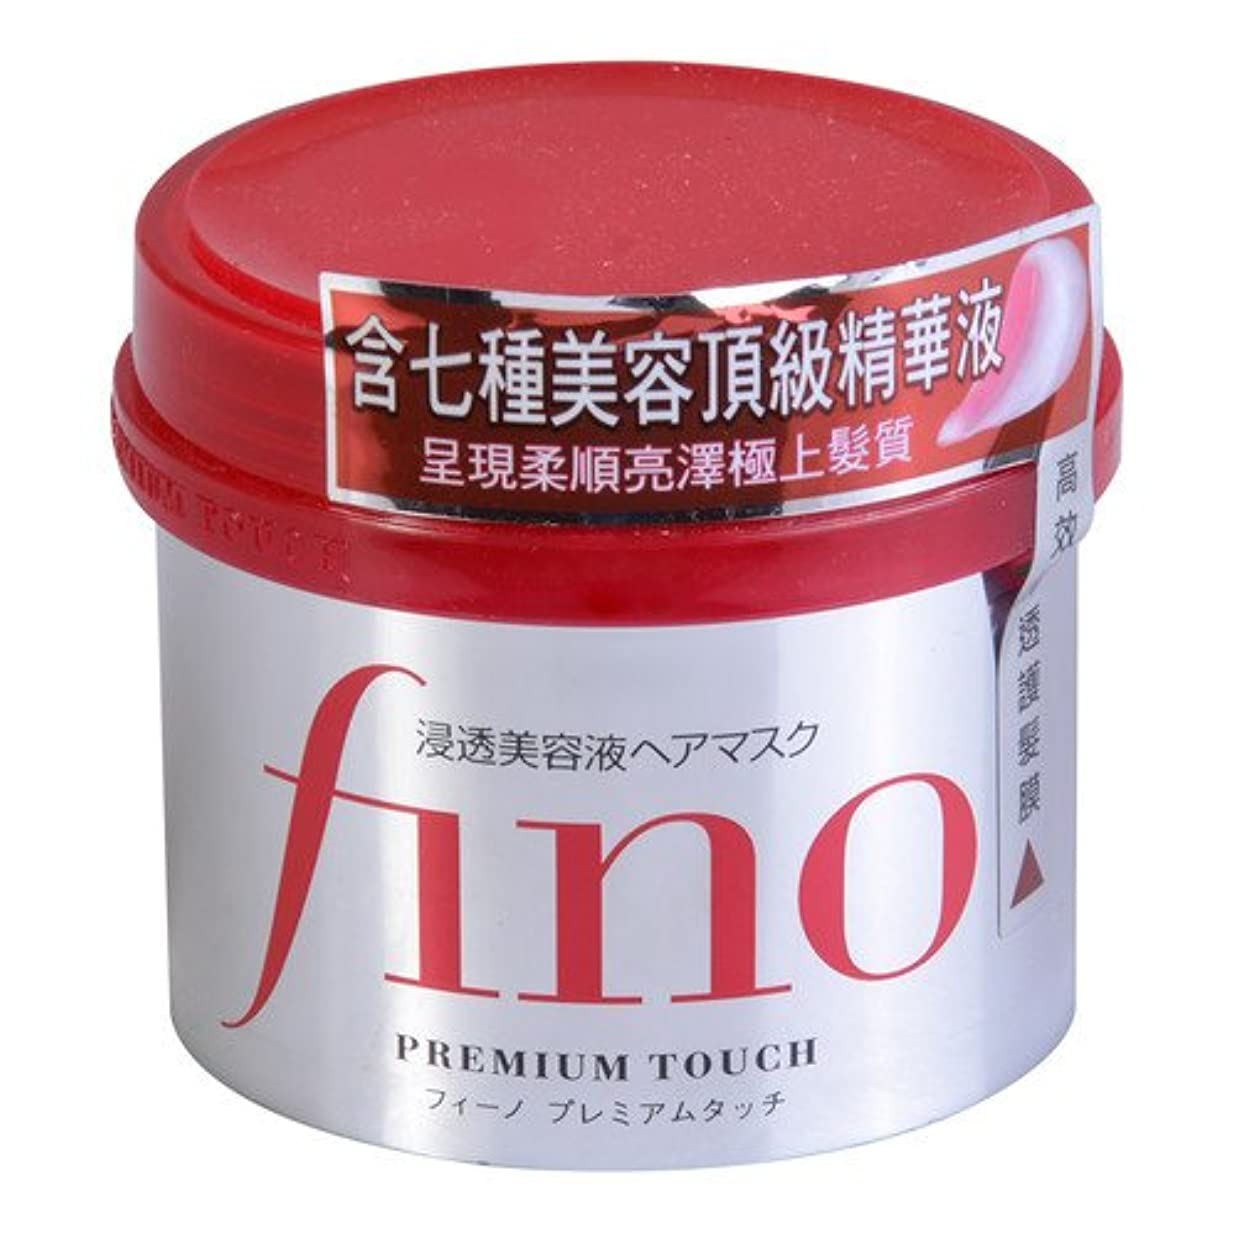 共同選択今まで撤回するフィーノ プレミアムタッチ 浸透美容液ヘアマスク230g